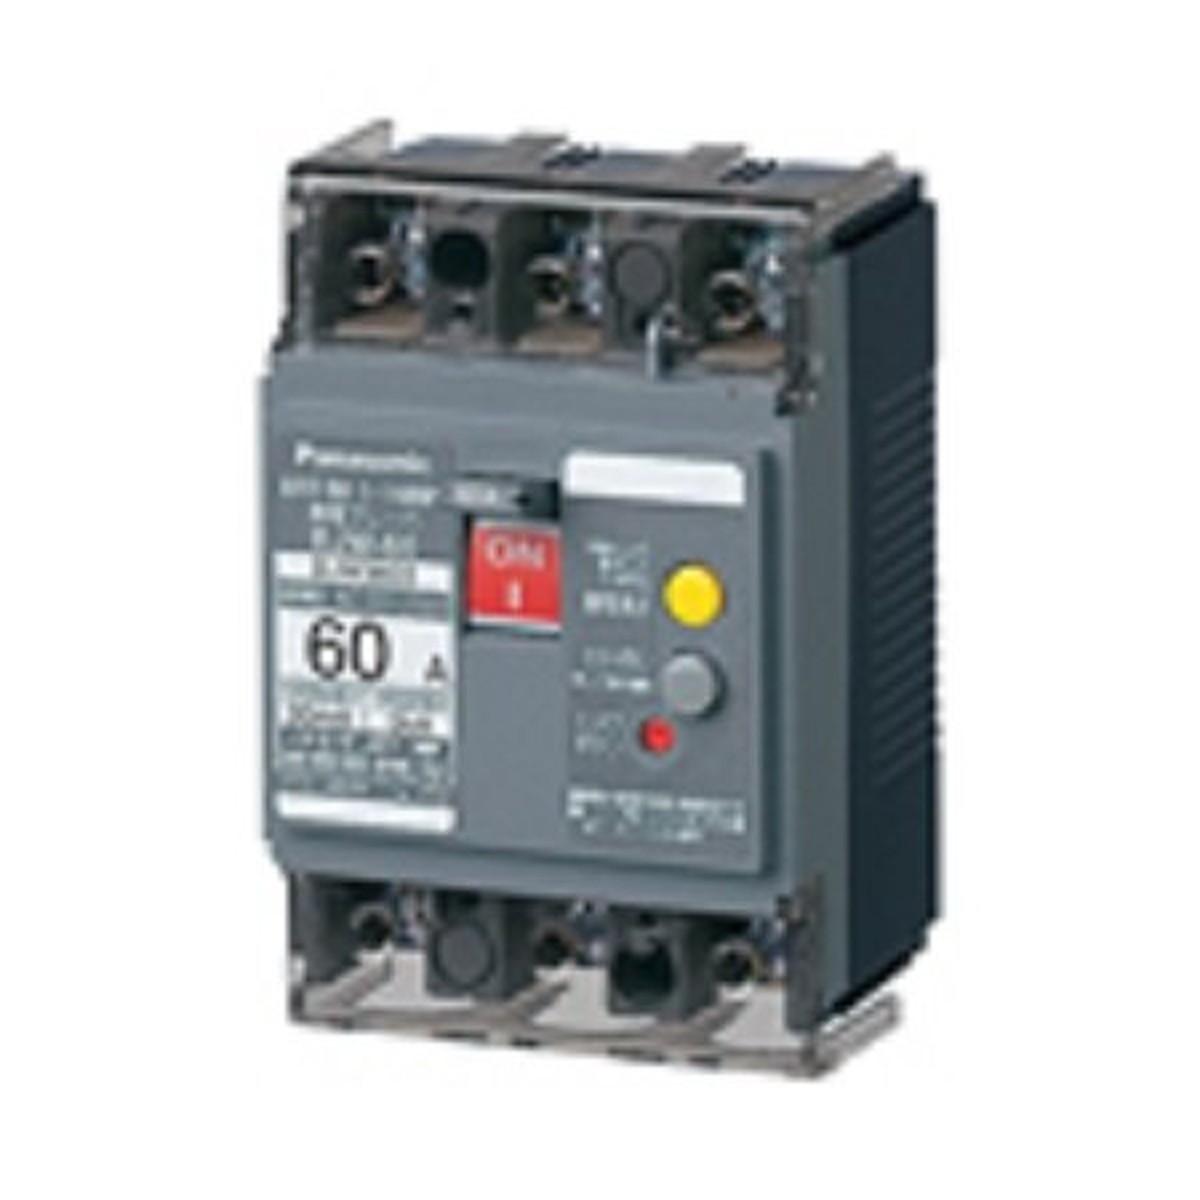 パナソニック(Panasonic) 漏電ブレーカ BJW型 O.C付(モータ保護兼用) BJW3603